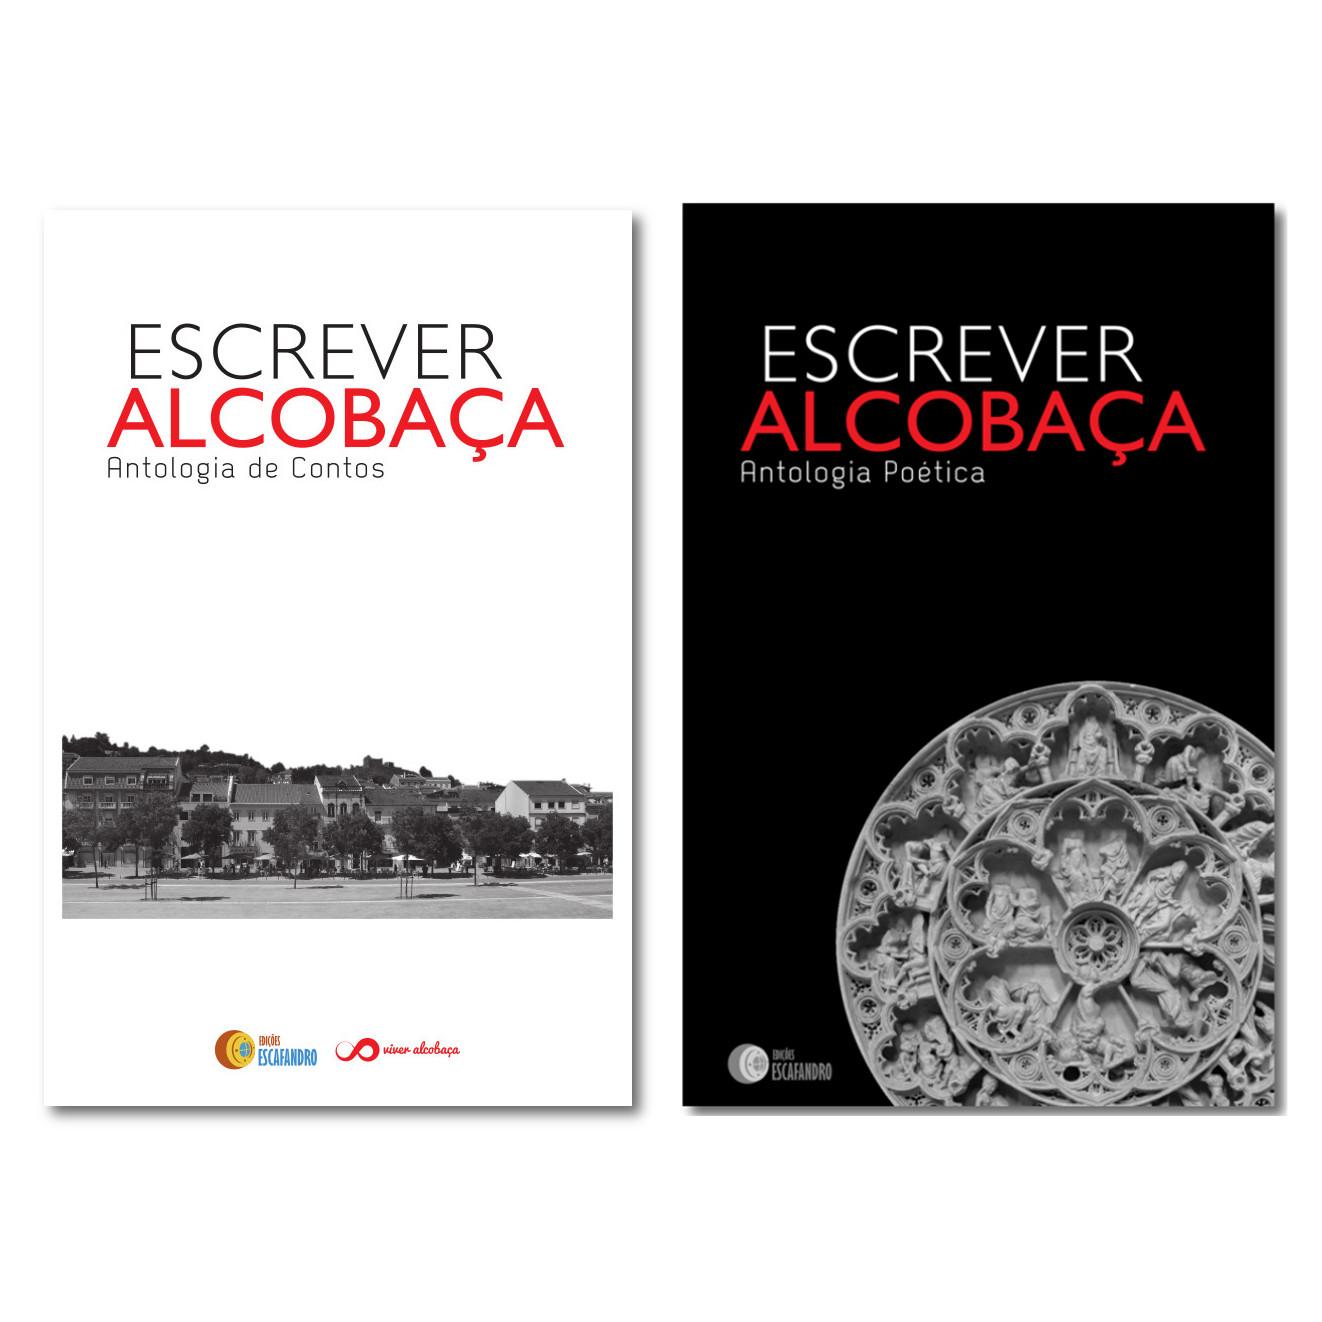 COLEÇÃO COMPLETA - Antologias Escrever Alcobaça